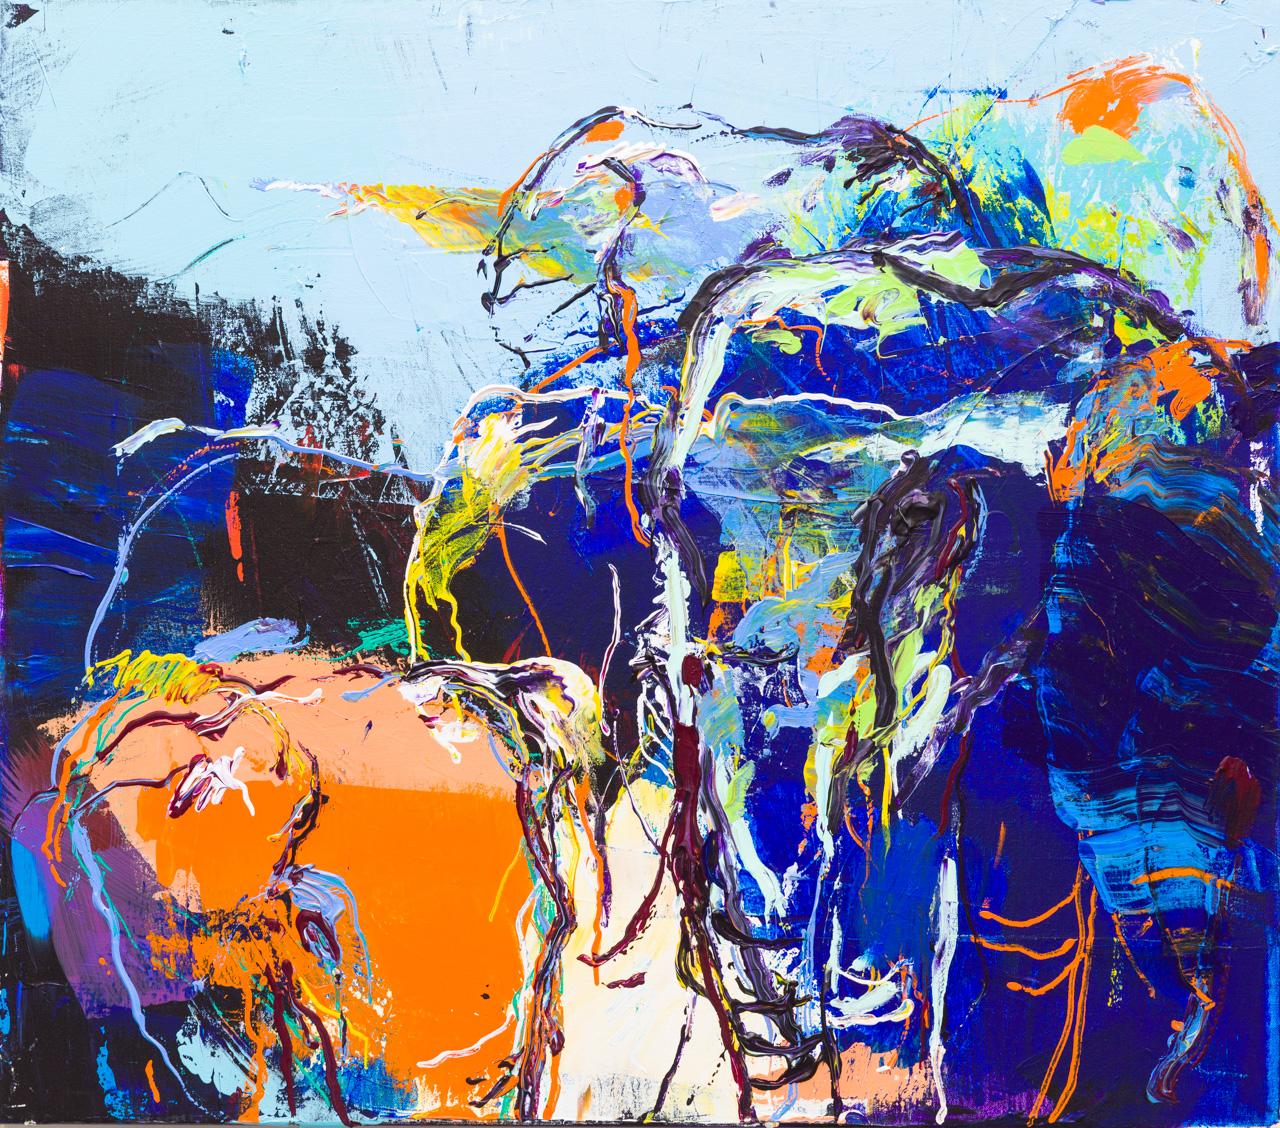 Olifanten schilderij abstract blauw